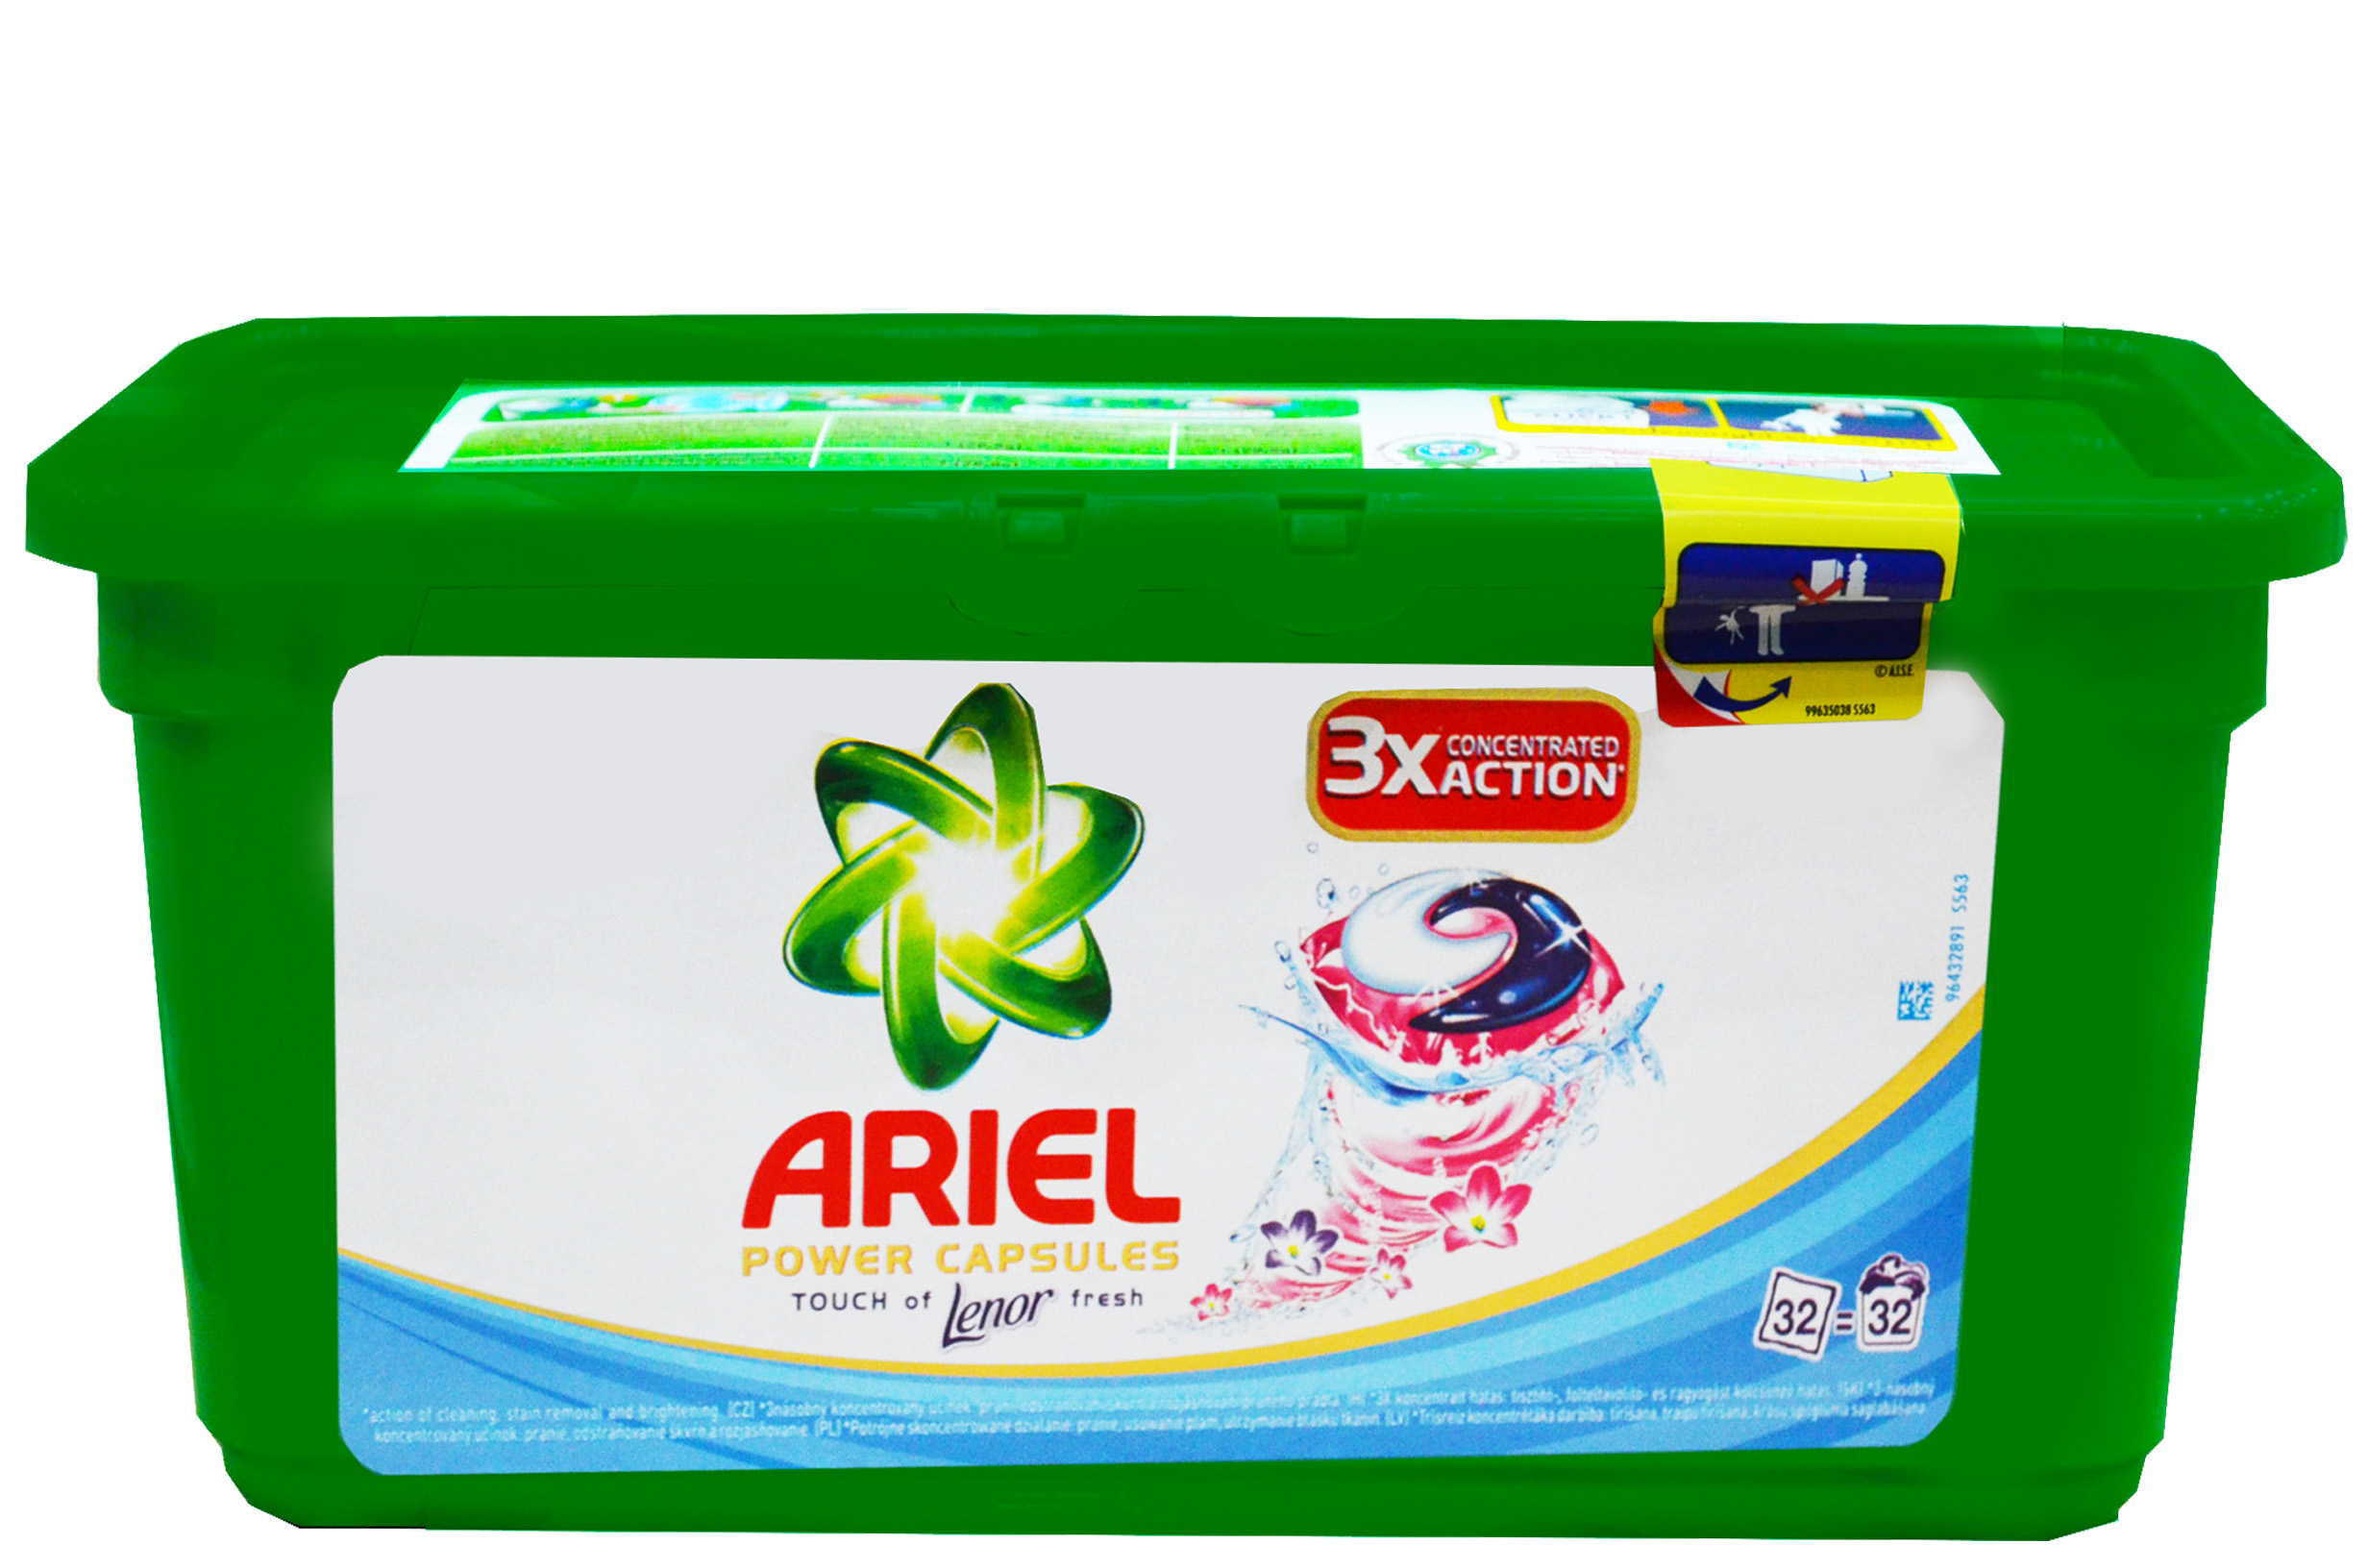 Ariel Power Capsules, kapsułki do prania z płynem do płukania, 32 szt. Image